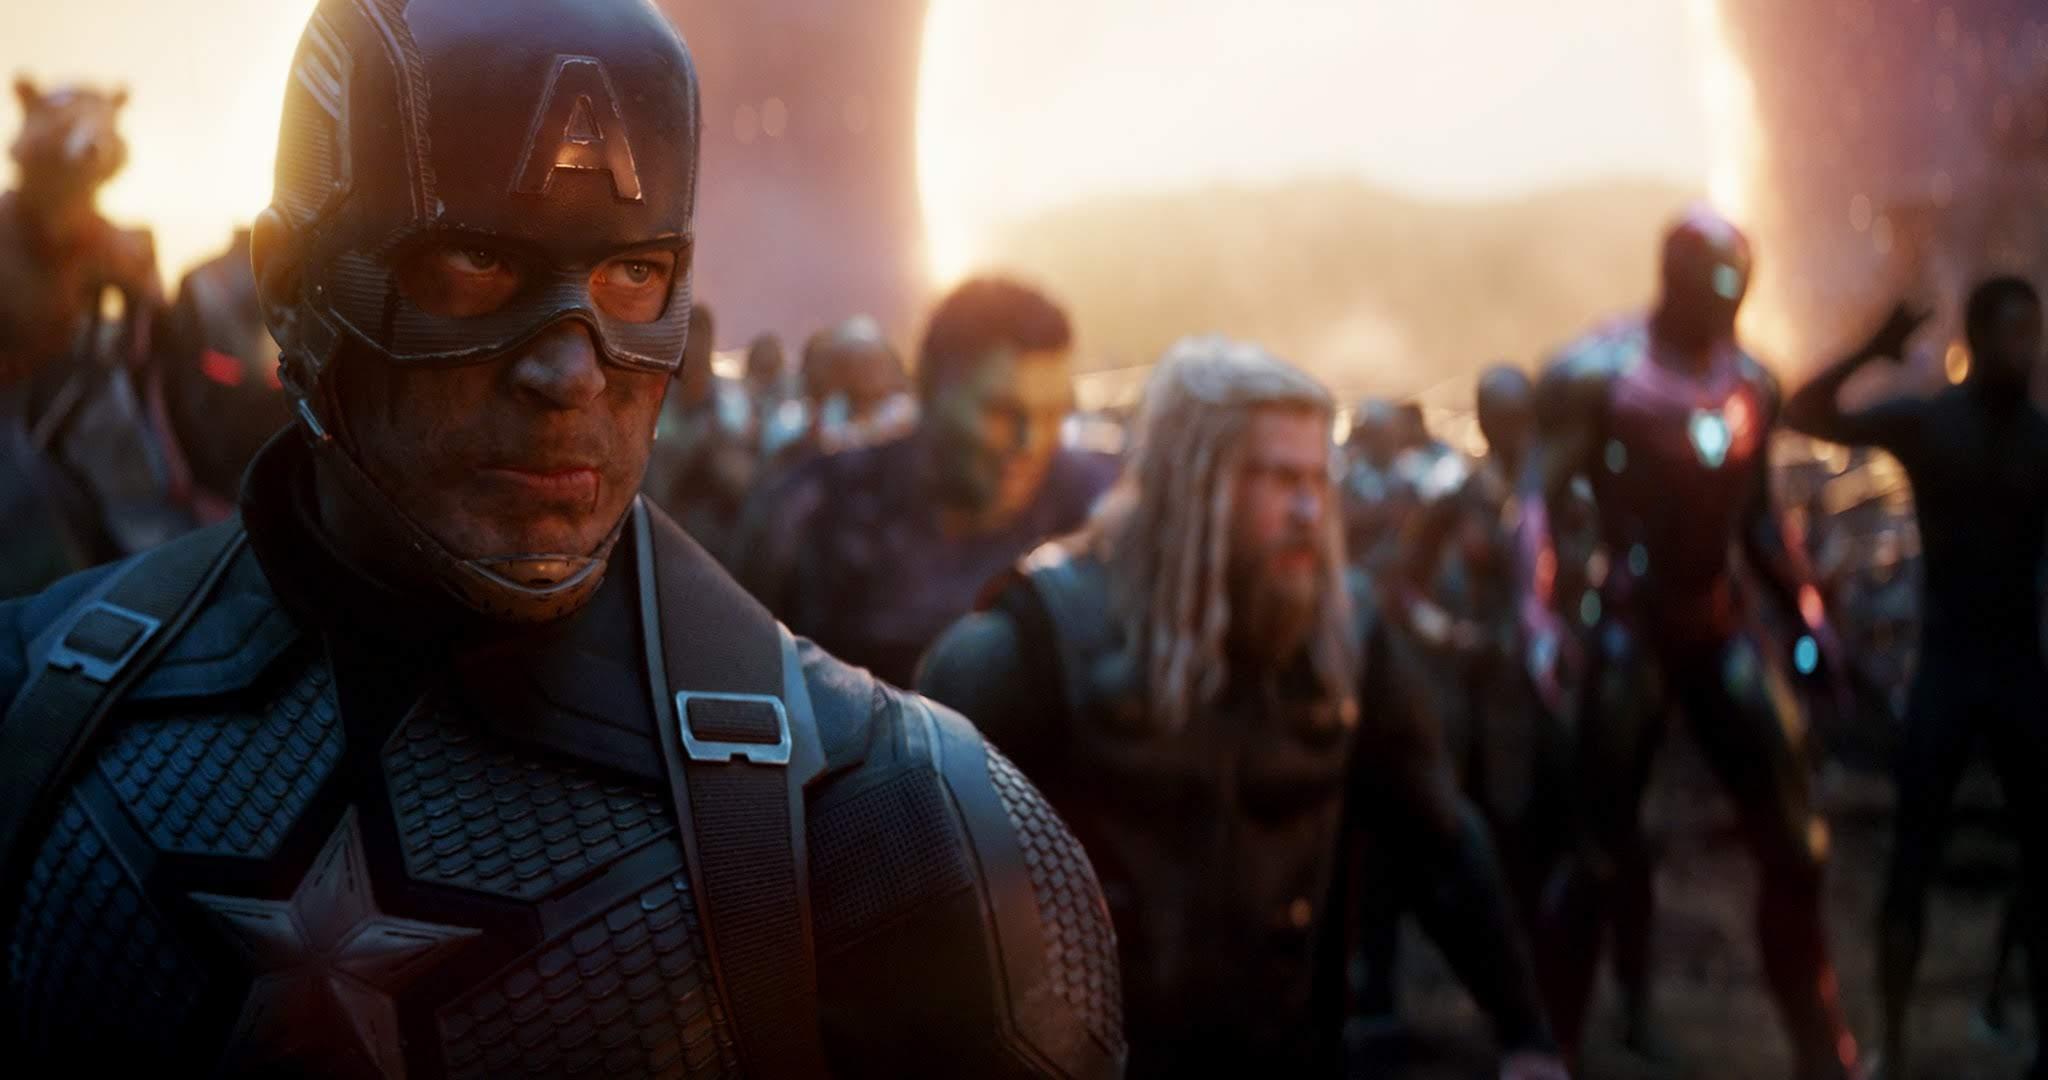 """Avengers Endgame but it's """"I Need a Hero"""" :「アベンジャーズ : エンドゲーム」のクライマックスの総力戦の見せ場を、スター・ロードが大好きな「フットルース」の名曲でお楽しみください ! !"""